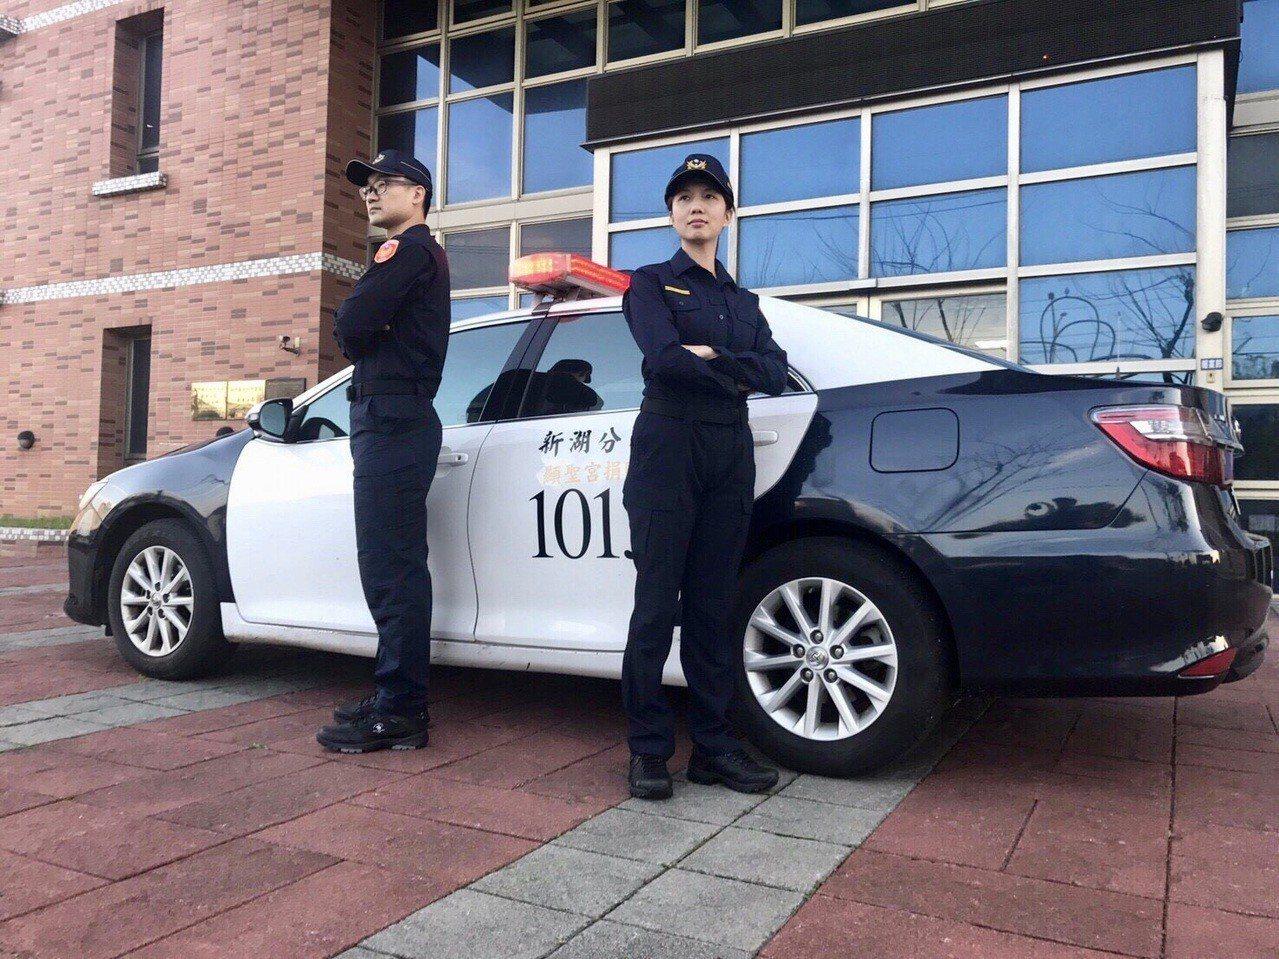 員警表示,新式制服很俐落帥氣,更有機能型取向。圖/警方提供